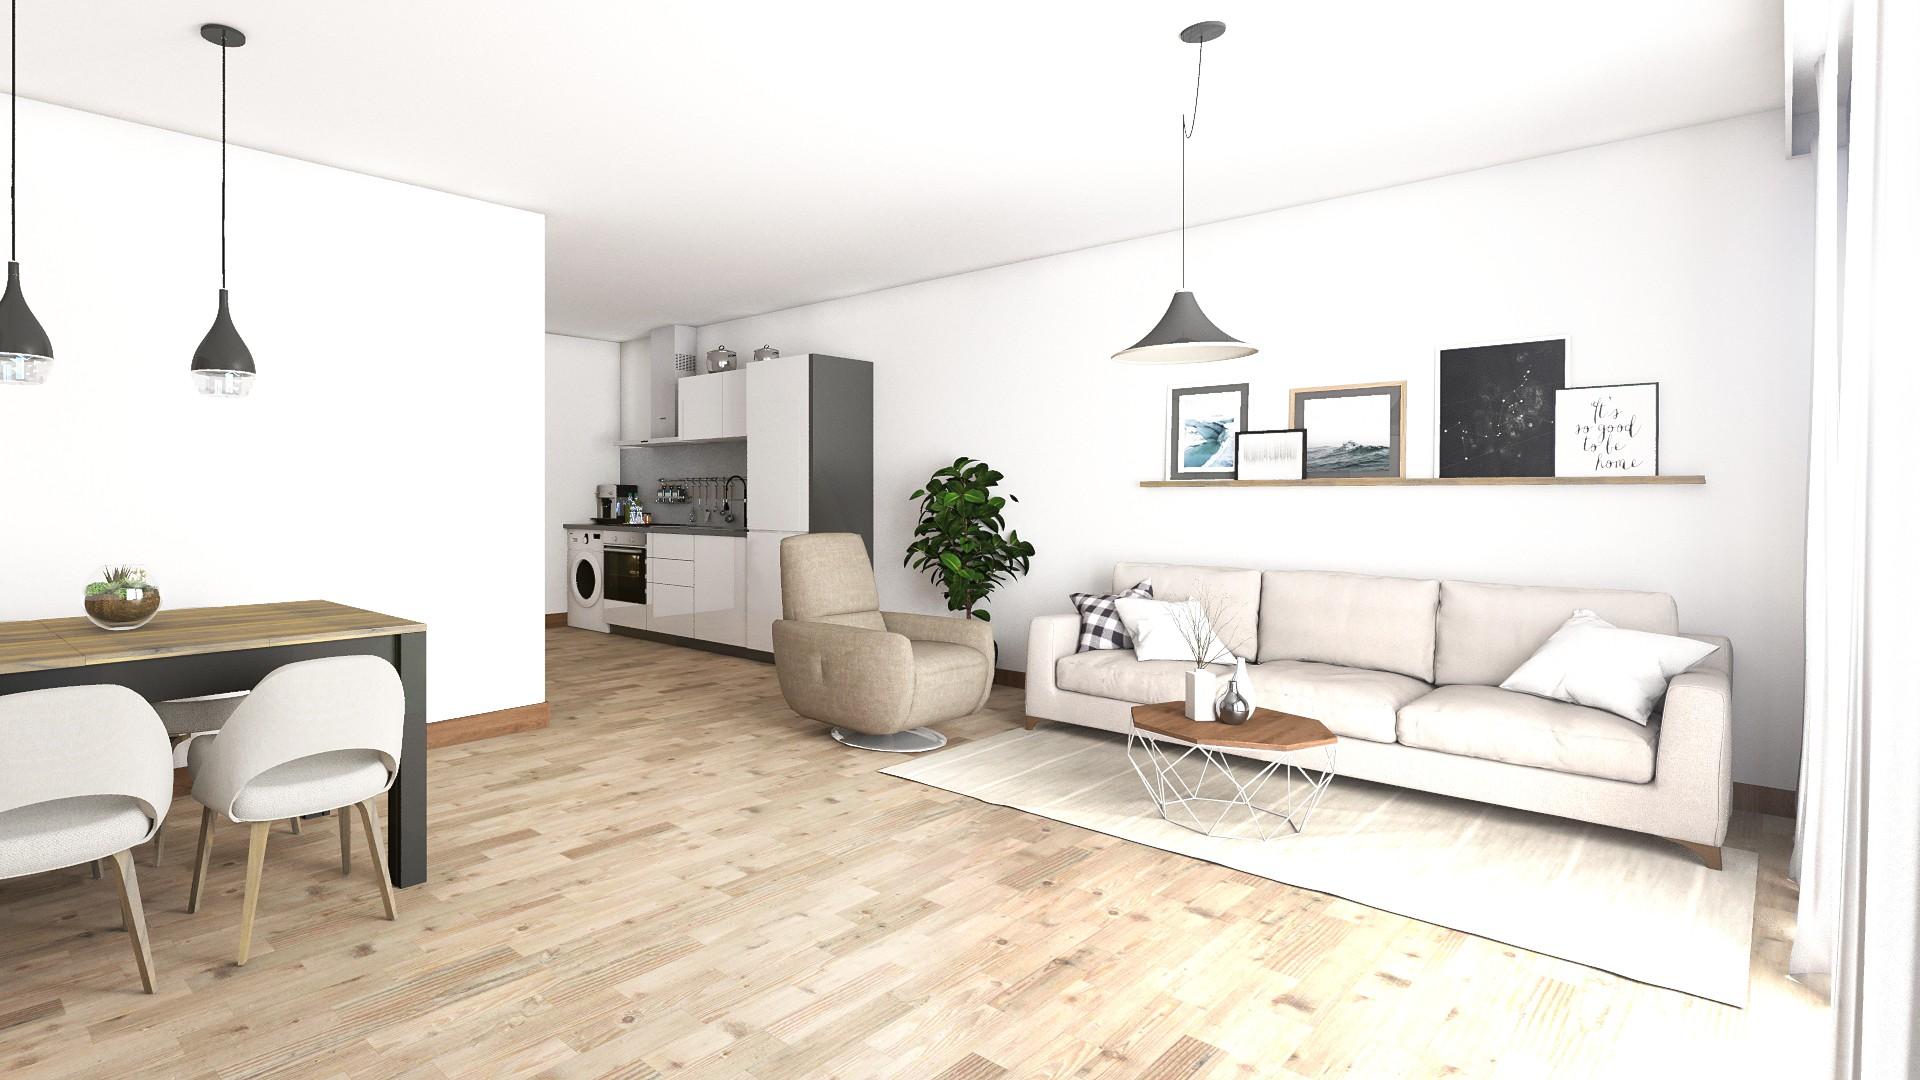 Interieur impressie senioren nieuwbouw appartement